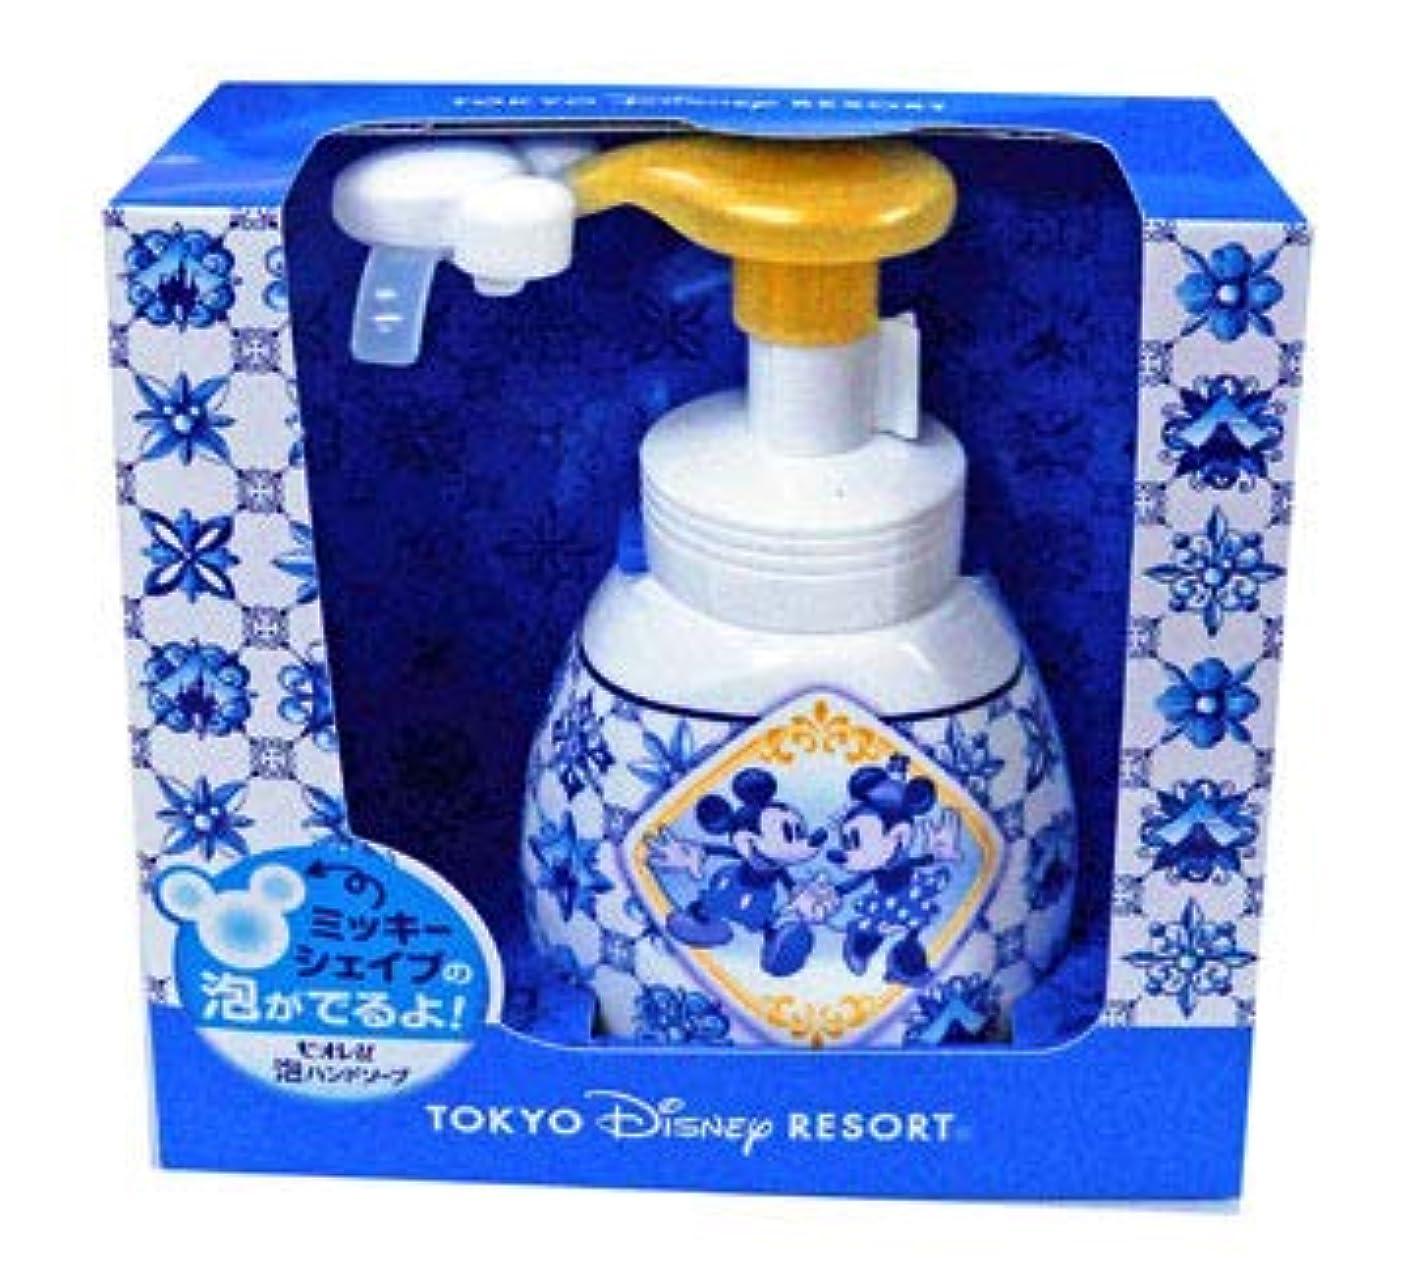 保有者合図破滅的な泡ハンドソープ(新デザイン) 東京ディズニーリゾート ミッキーとミニー柄  おみやげ